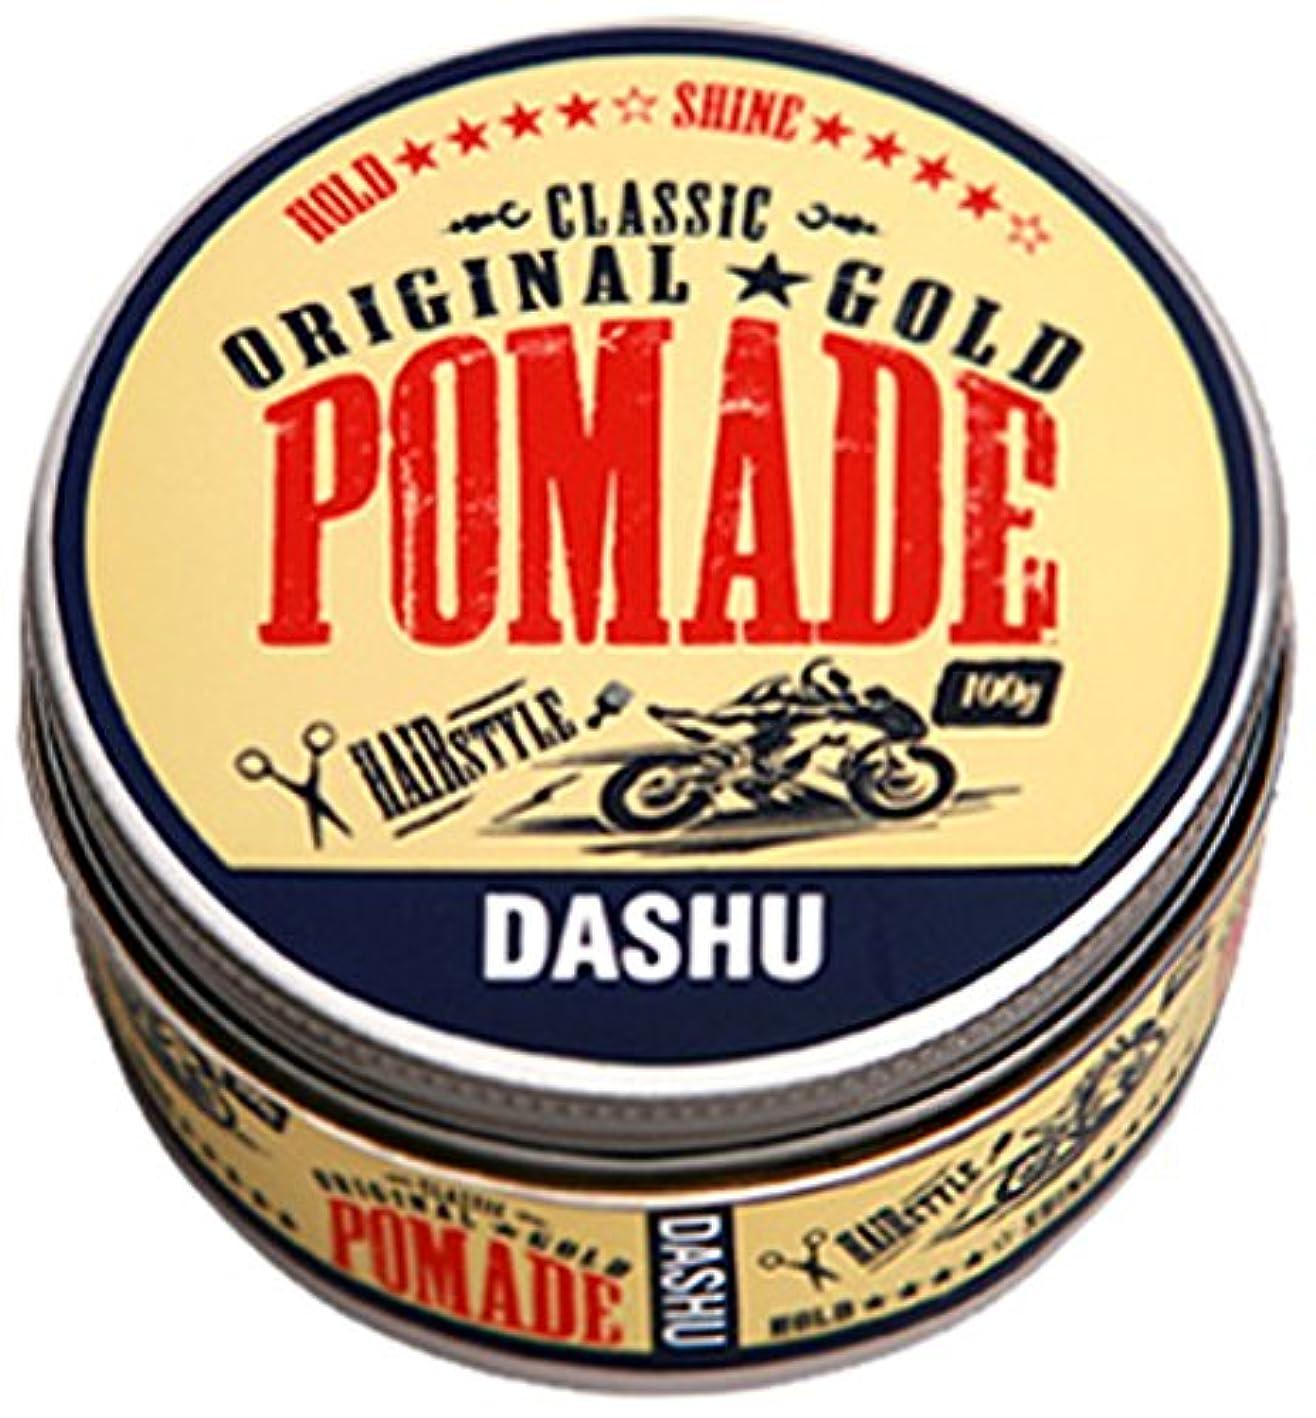 マトリックス所持飛行機[DASHU] ダシュ クラシックオリジナルゴールドポマードヘアワックス Classic Original Gold Pomade Hair Wax 100ml / 韓国製 . 韓国直送品